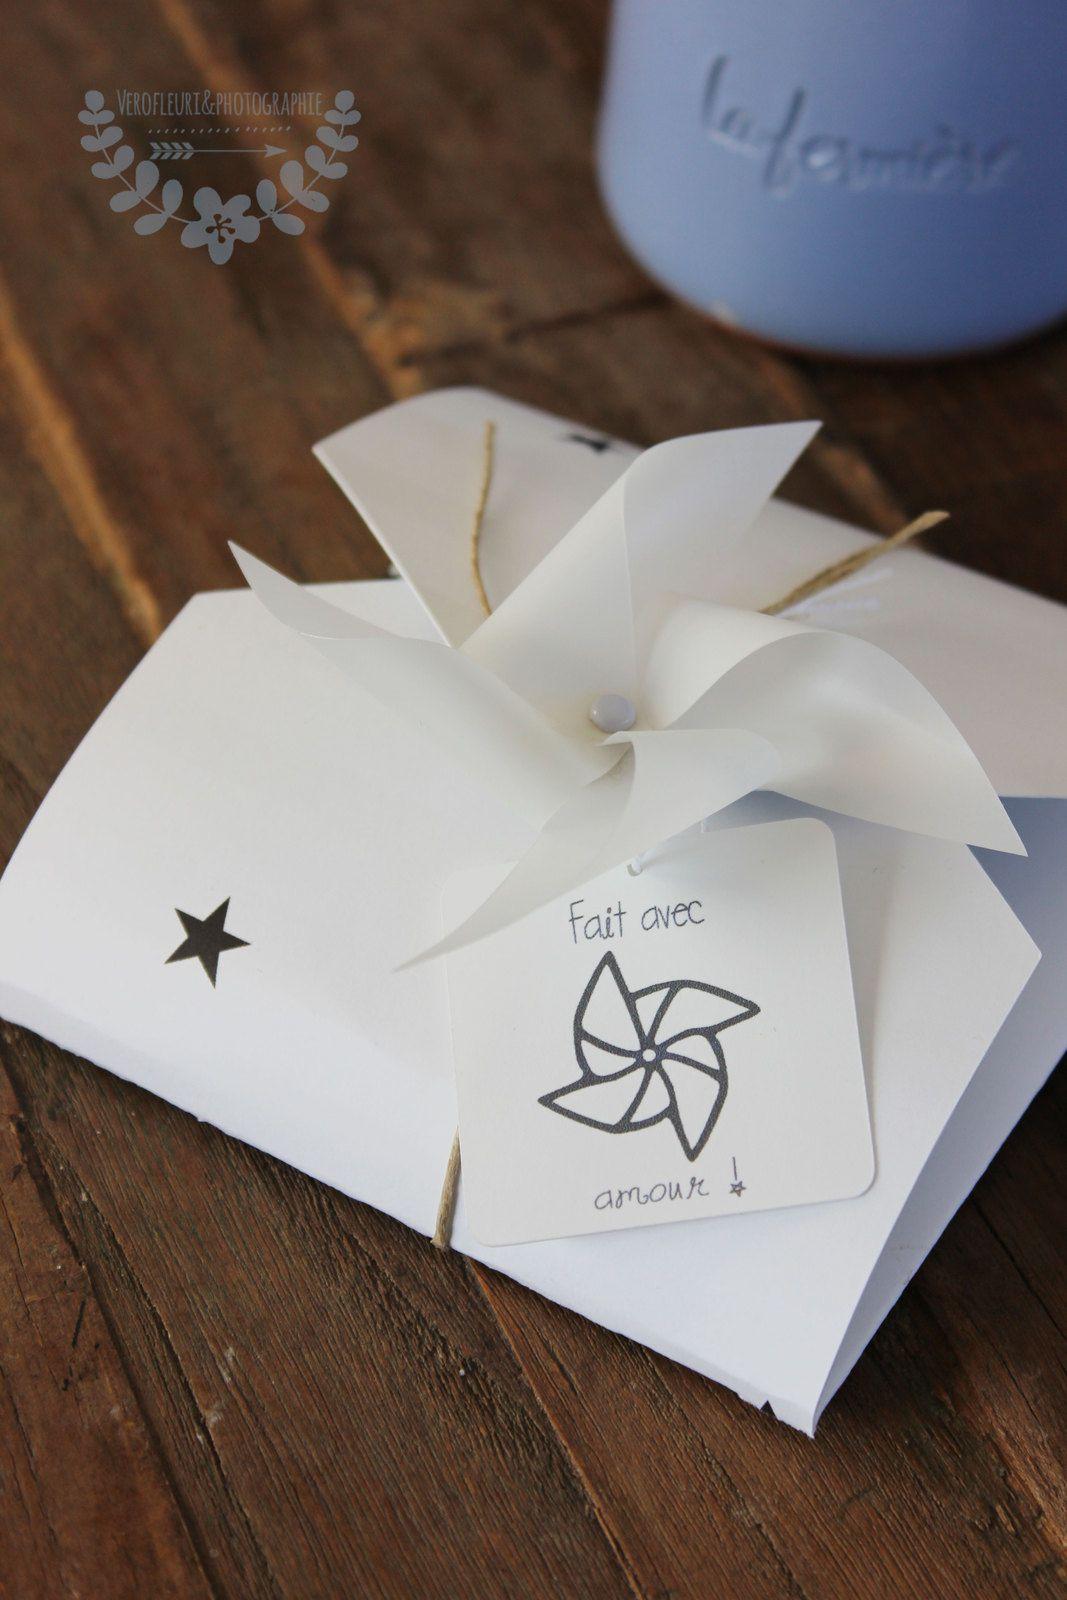 Se souvenir de belles choses ...Une petite boite à offrir